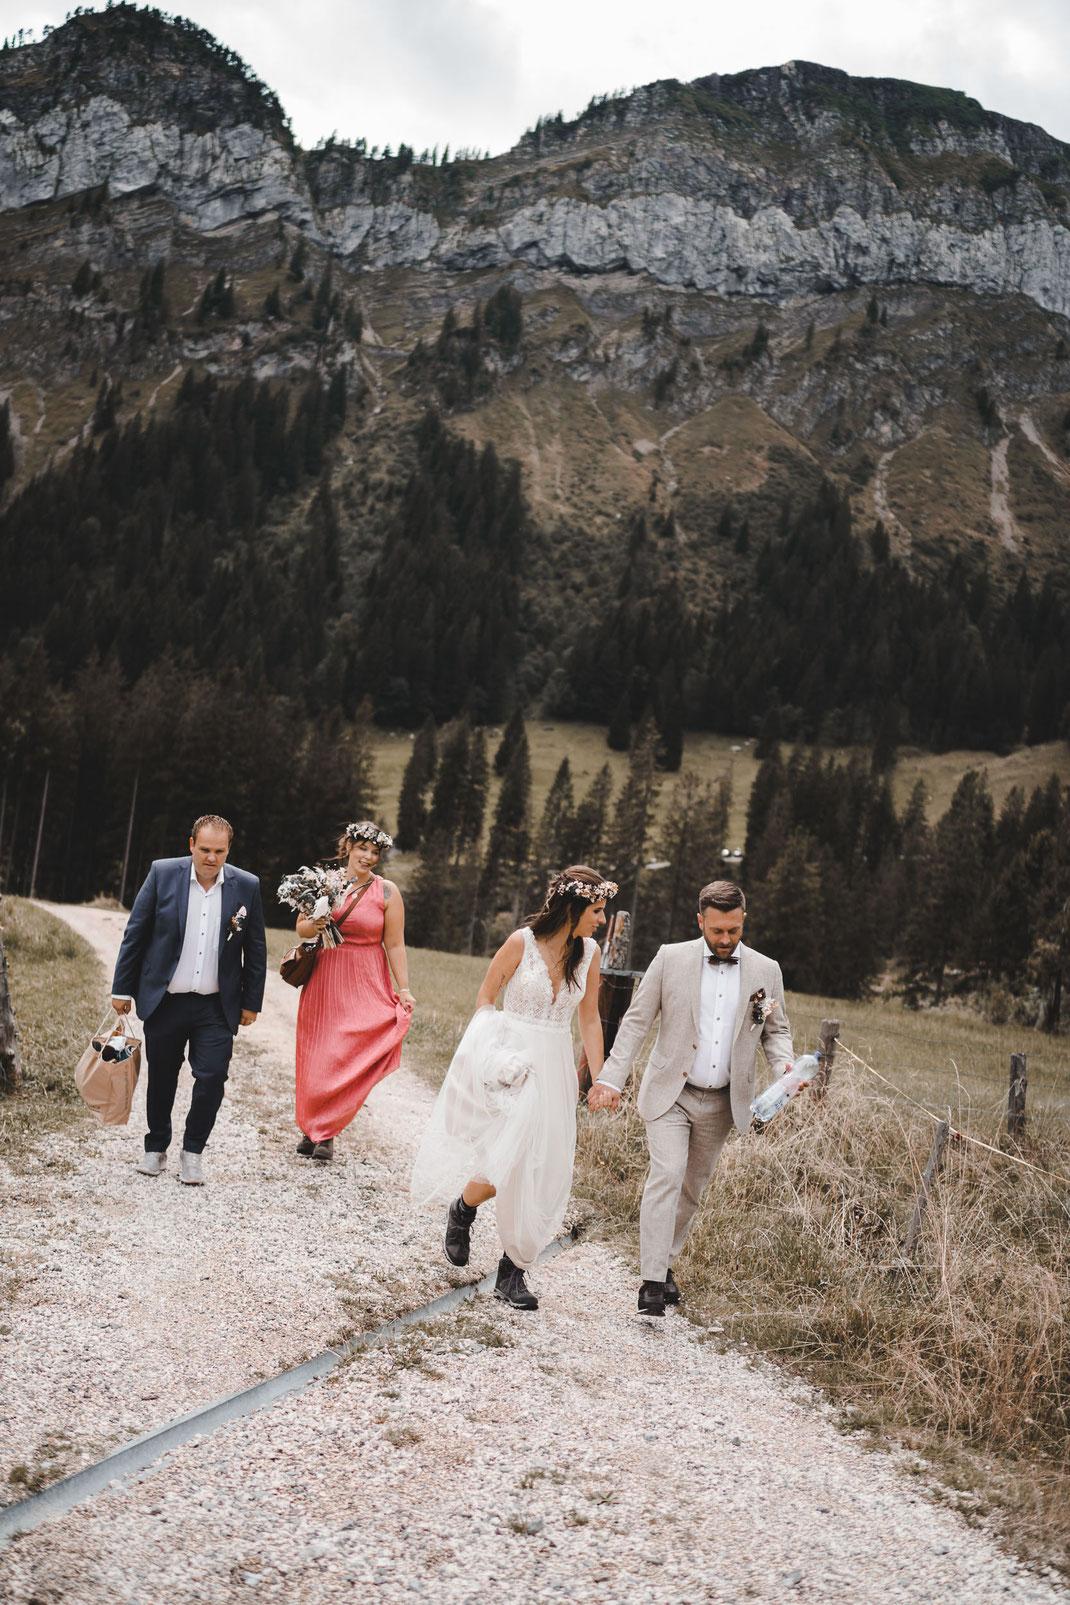 Wanderung Hochzeit Eigenthal Luzern